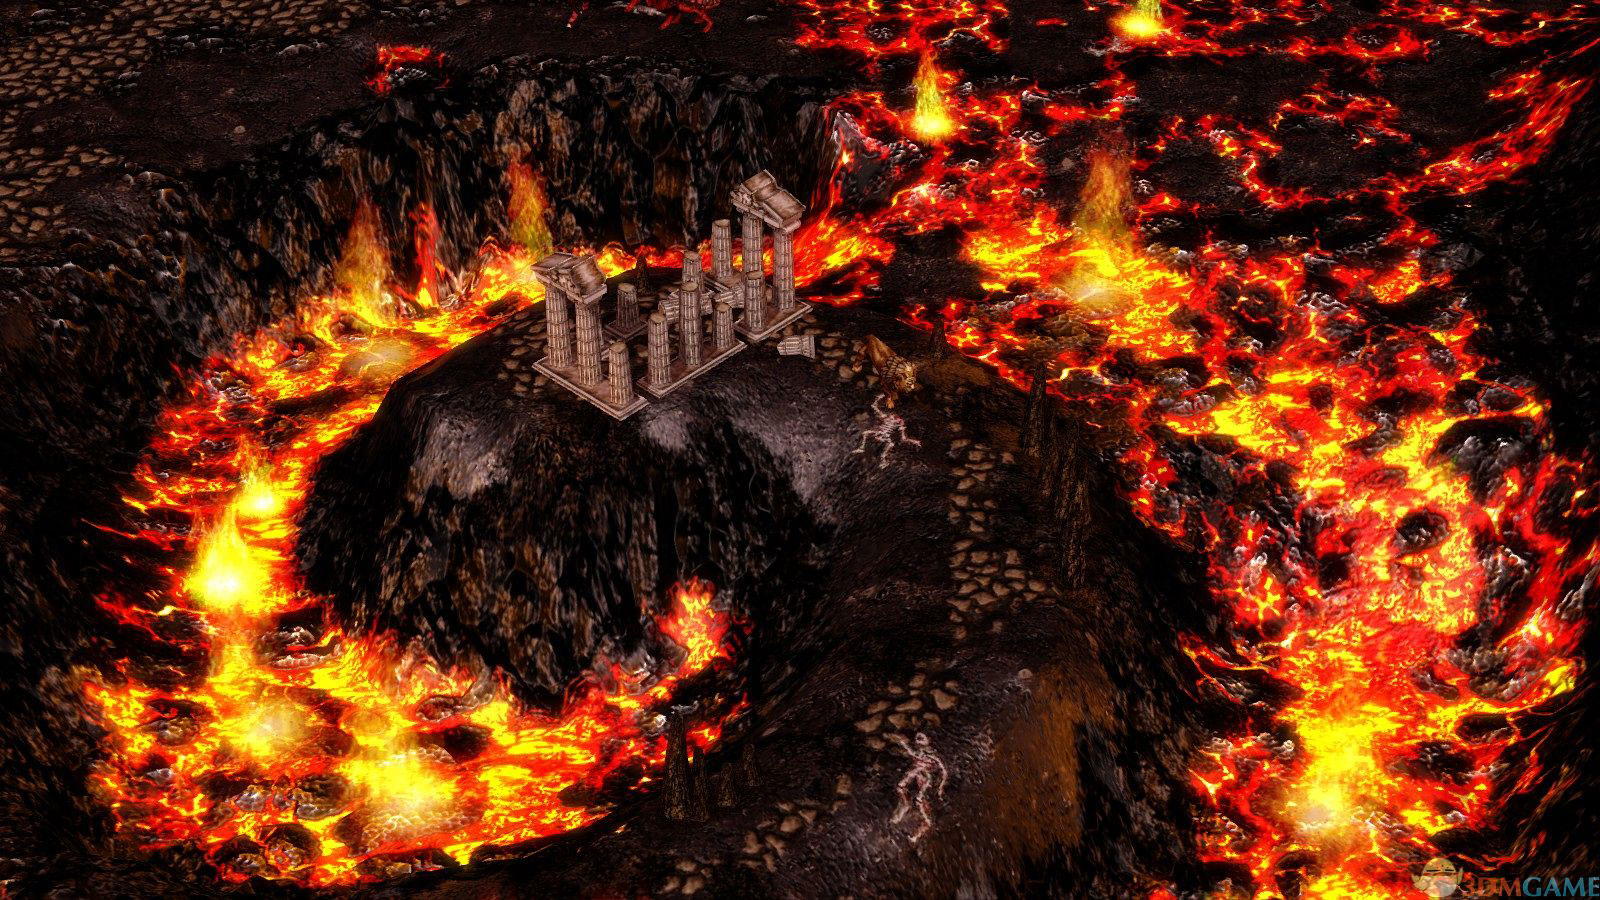 神话时代扩展版游戏截图 超清画质值得体验